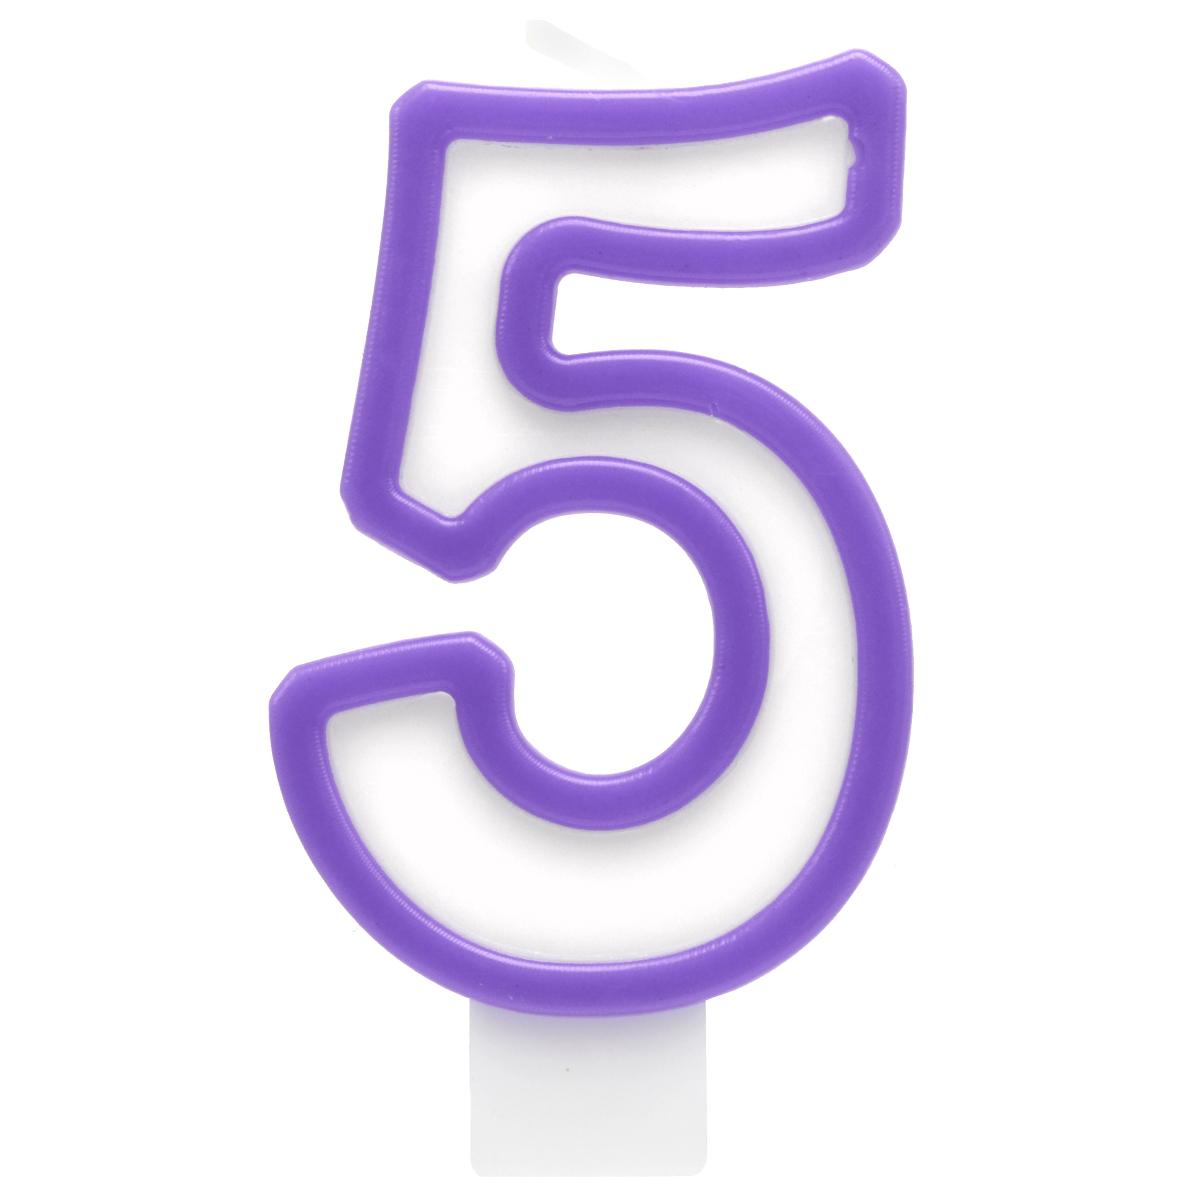 Action! Свеча-цифра для торта 5 лет цвет сиреневый action свеча цифра для торта 8 лет цвет желтый оранжевый